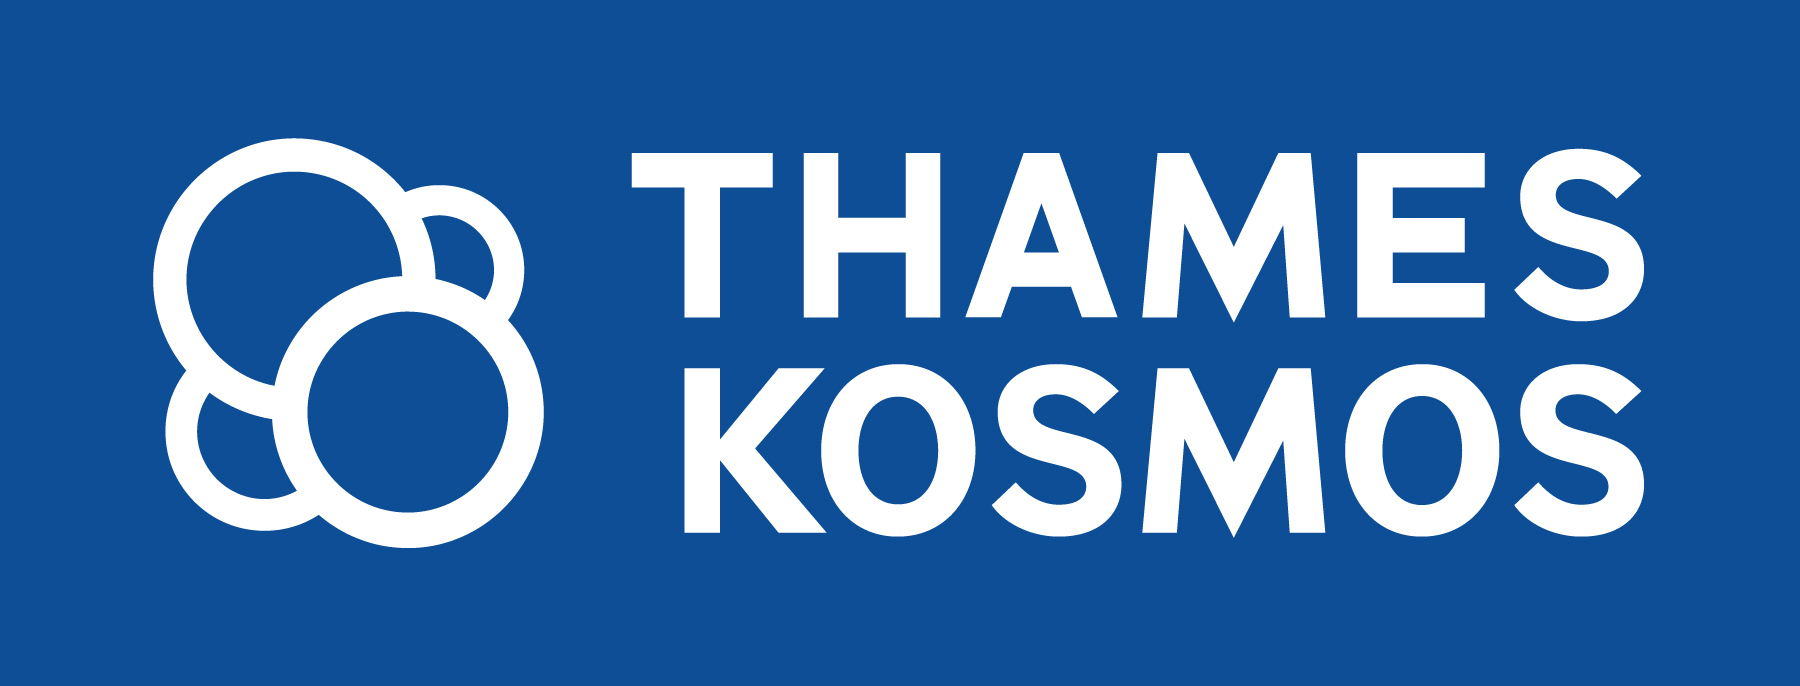 Thames Kosmos.jpg